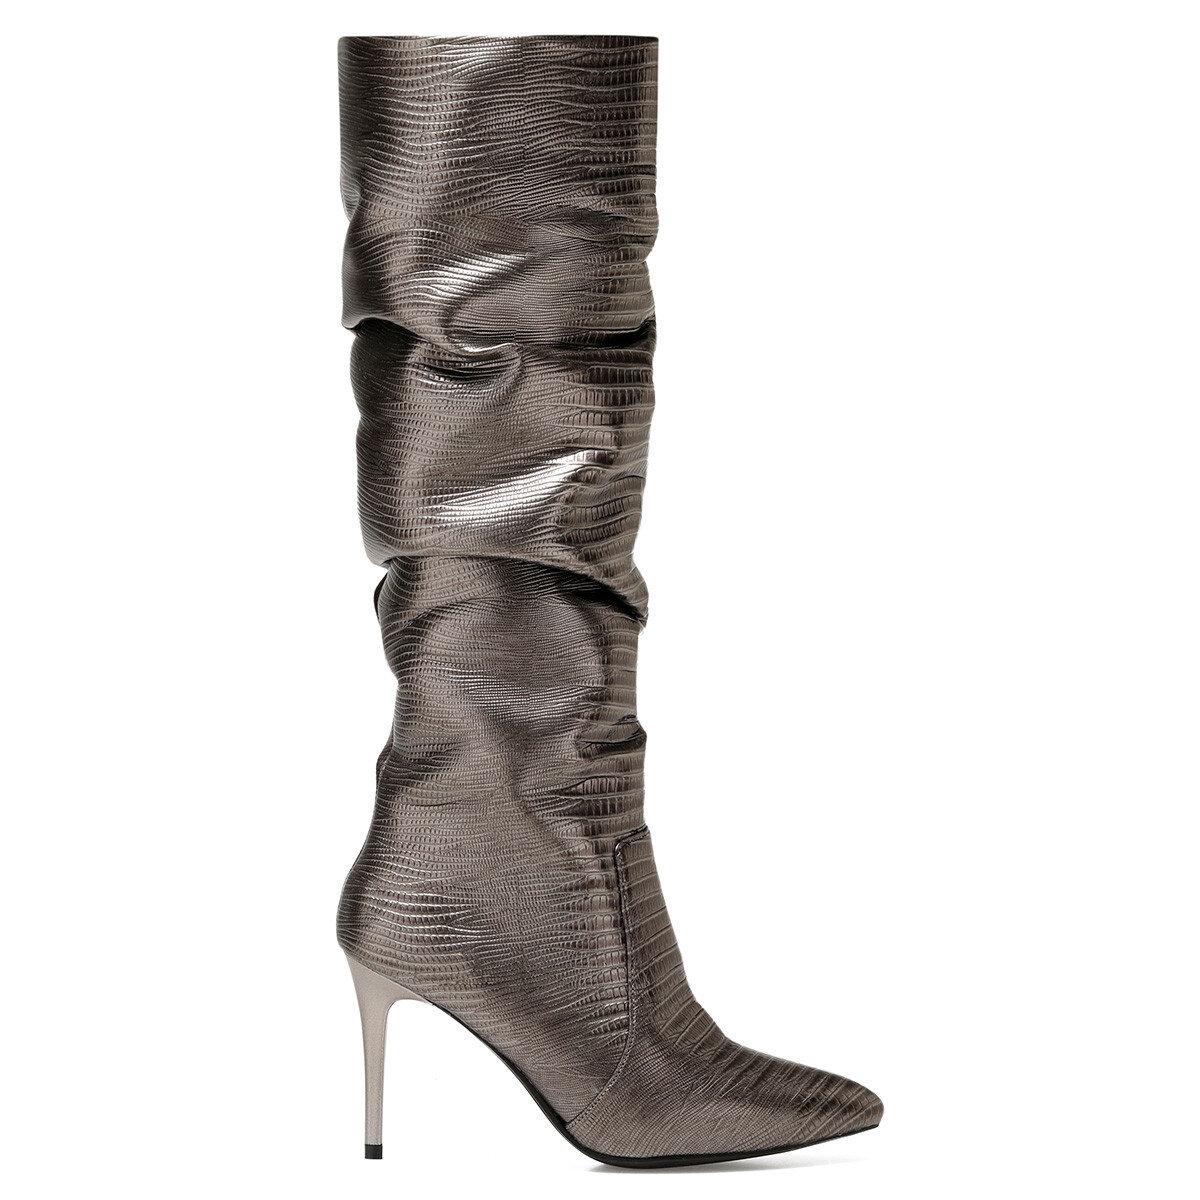 SISSO2 Antrasit Kadın Topuklu Çizme